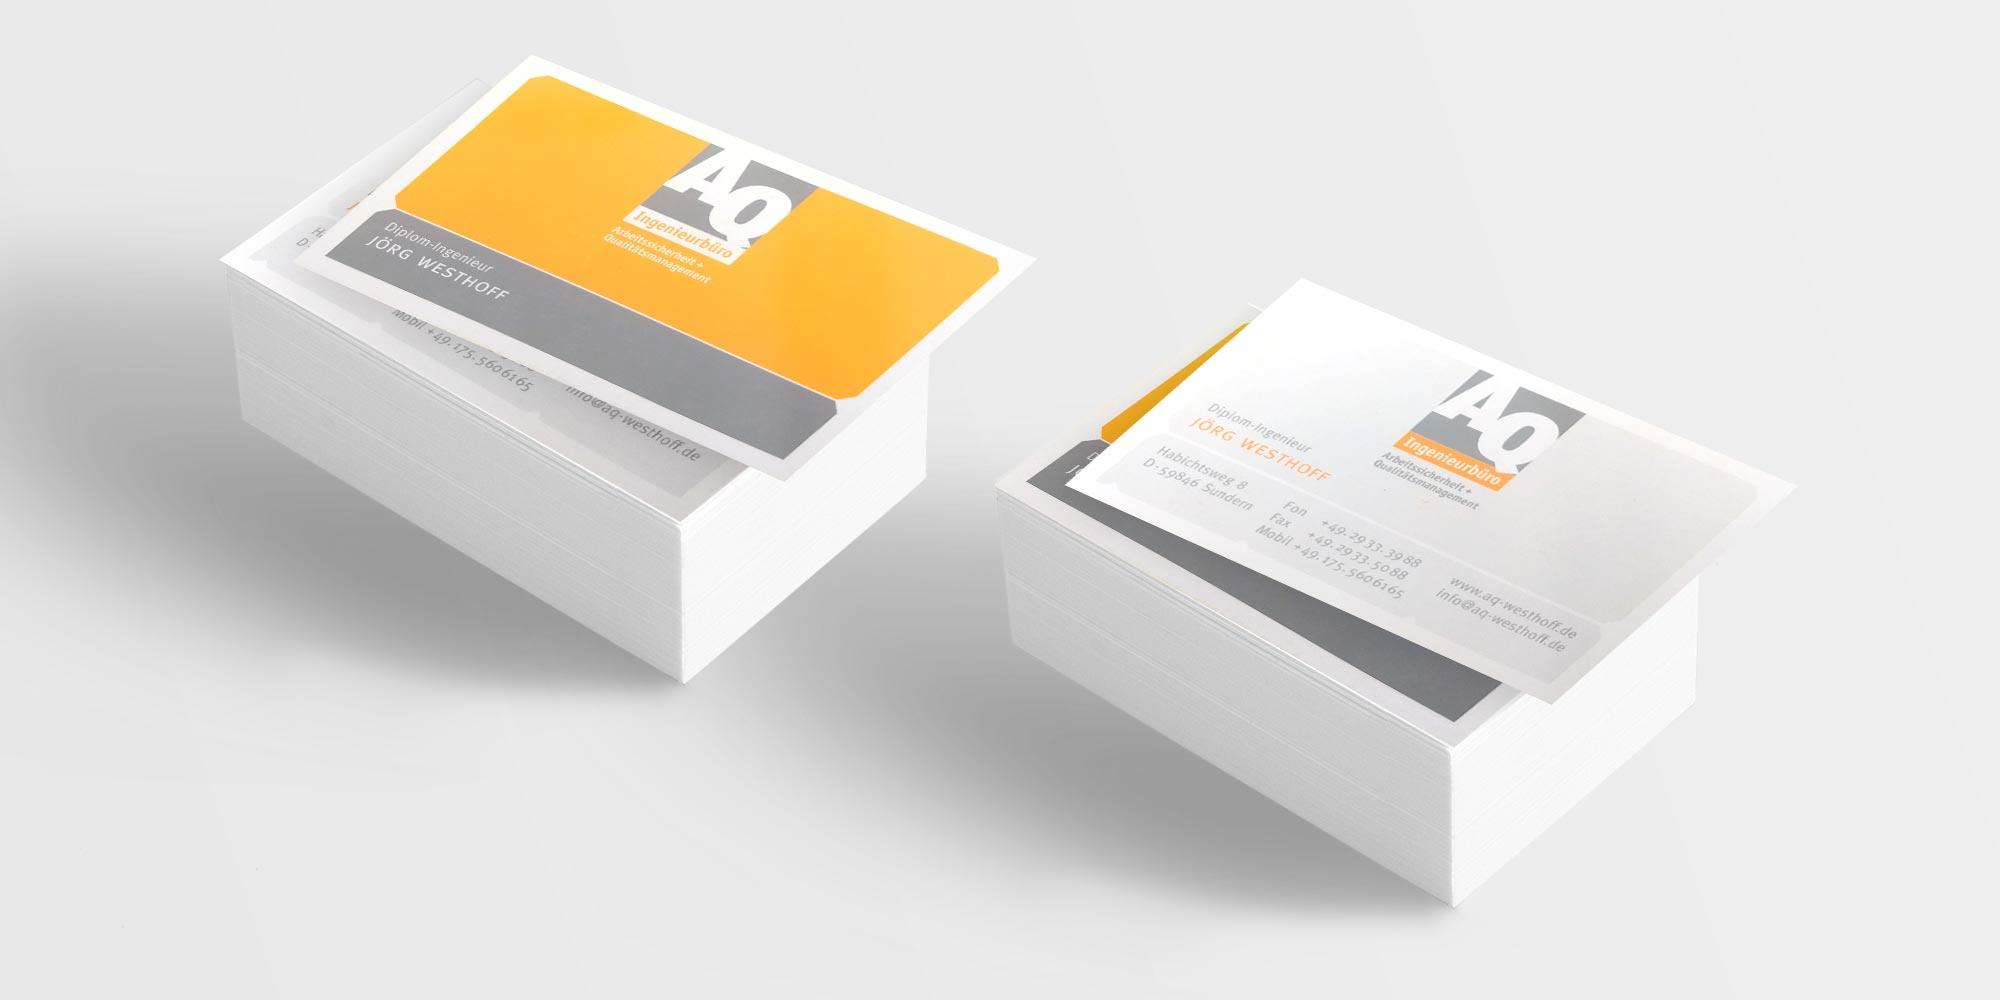 Referenz Erstellung Visitenkarte AQ-Ingenieurbüro Westhoff, Sundern